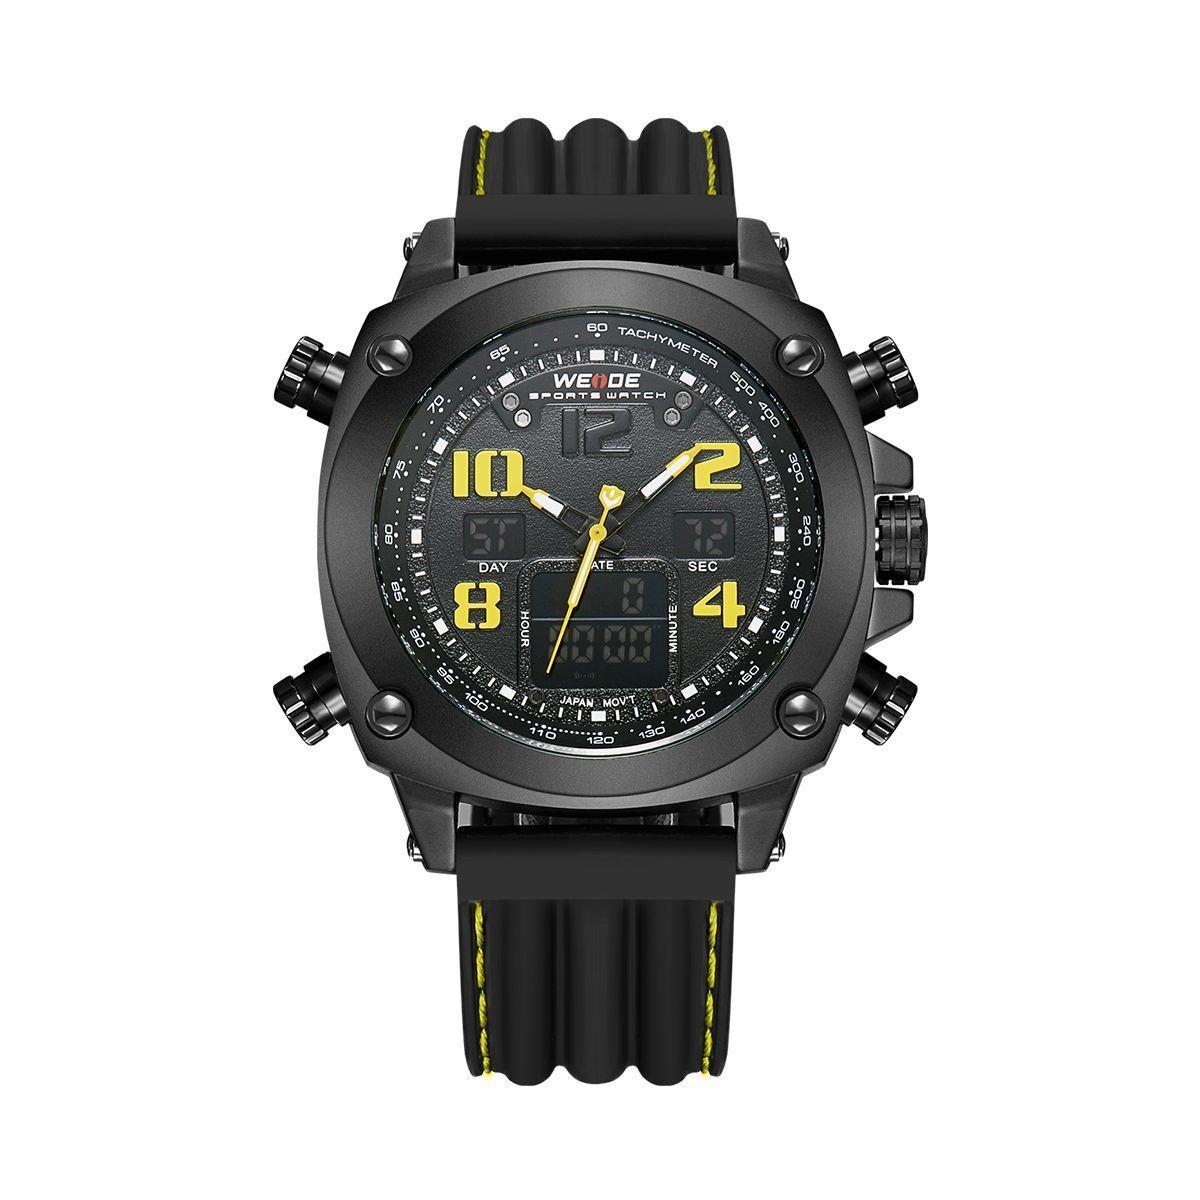 Часы Weide Yellow WH5208B-3C (WH5208B-3C)